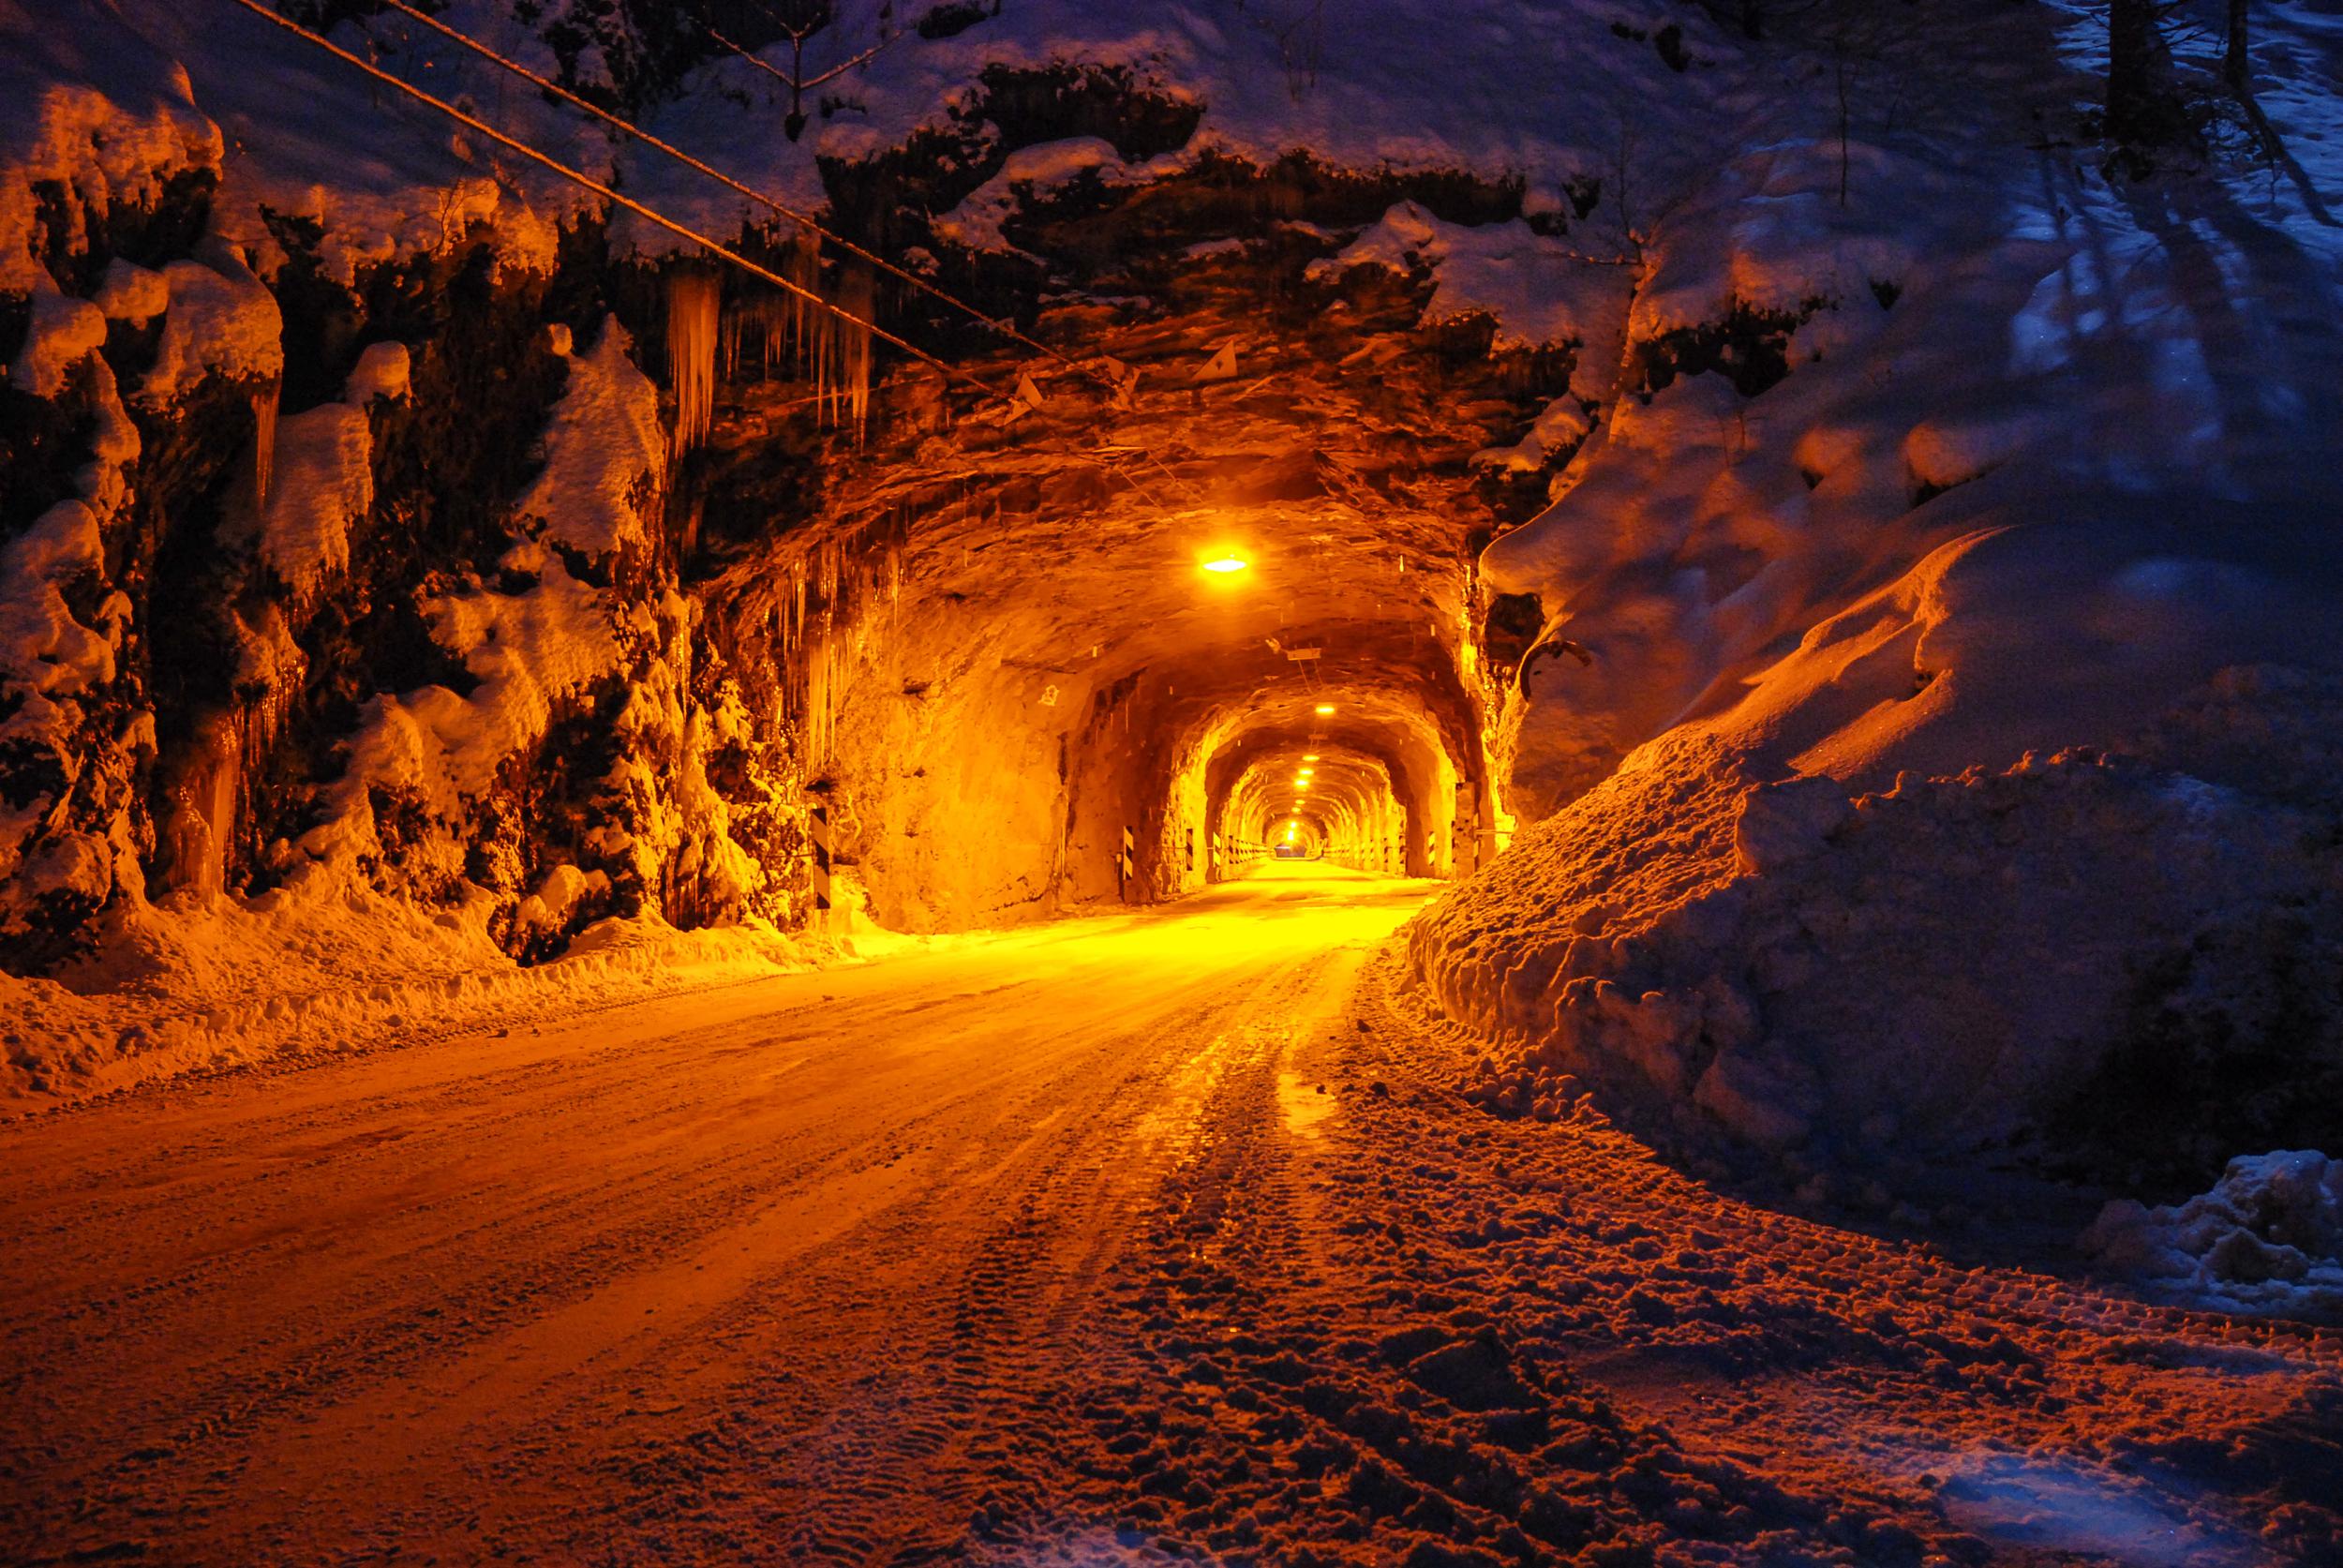 Tunnel_45x30-2.jpg